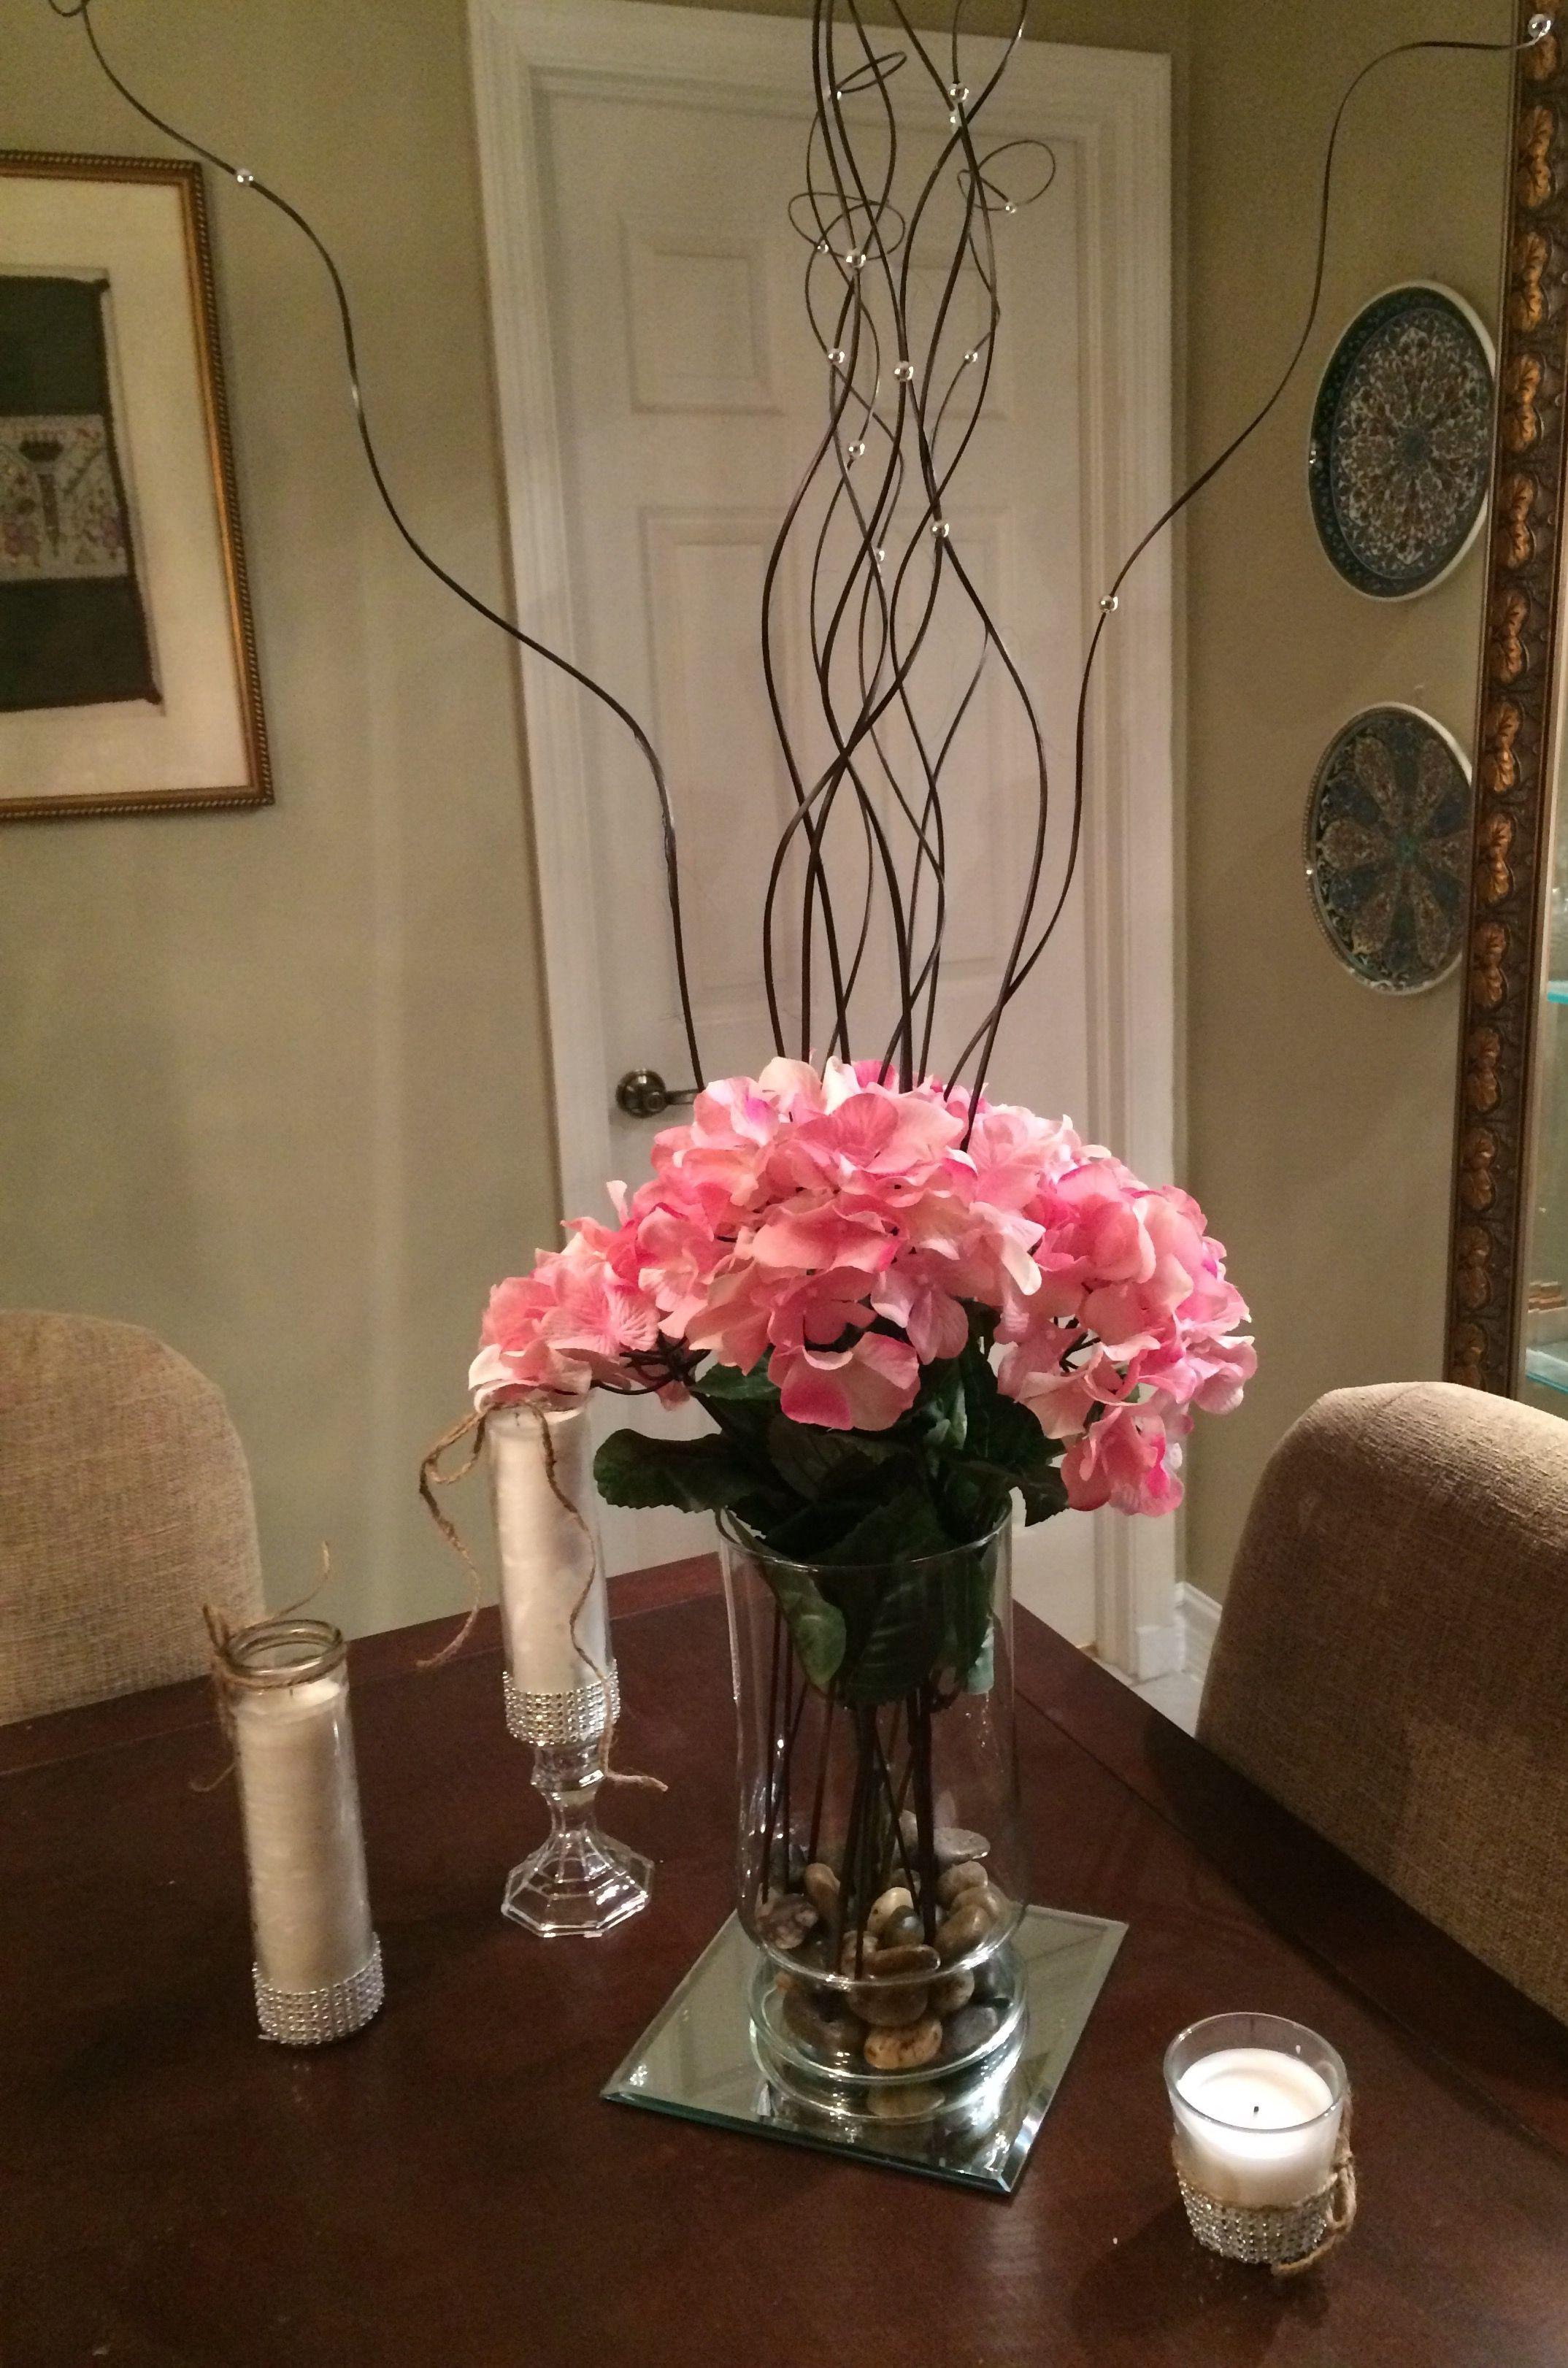 Pin By Rose Mentrie On Natt S Wedding Glass Vase Decor Home Decor